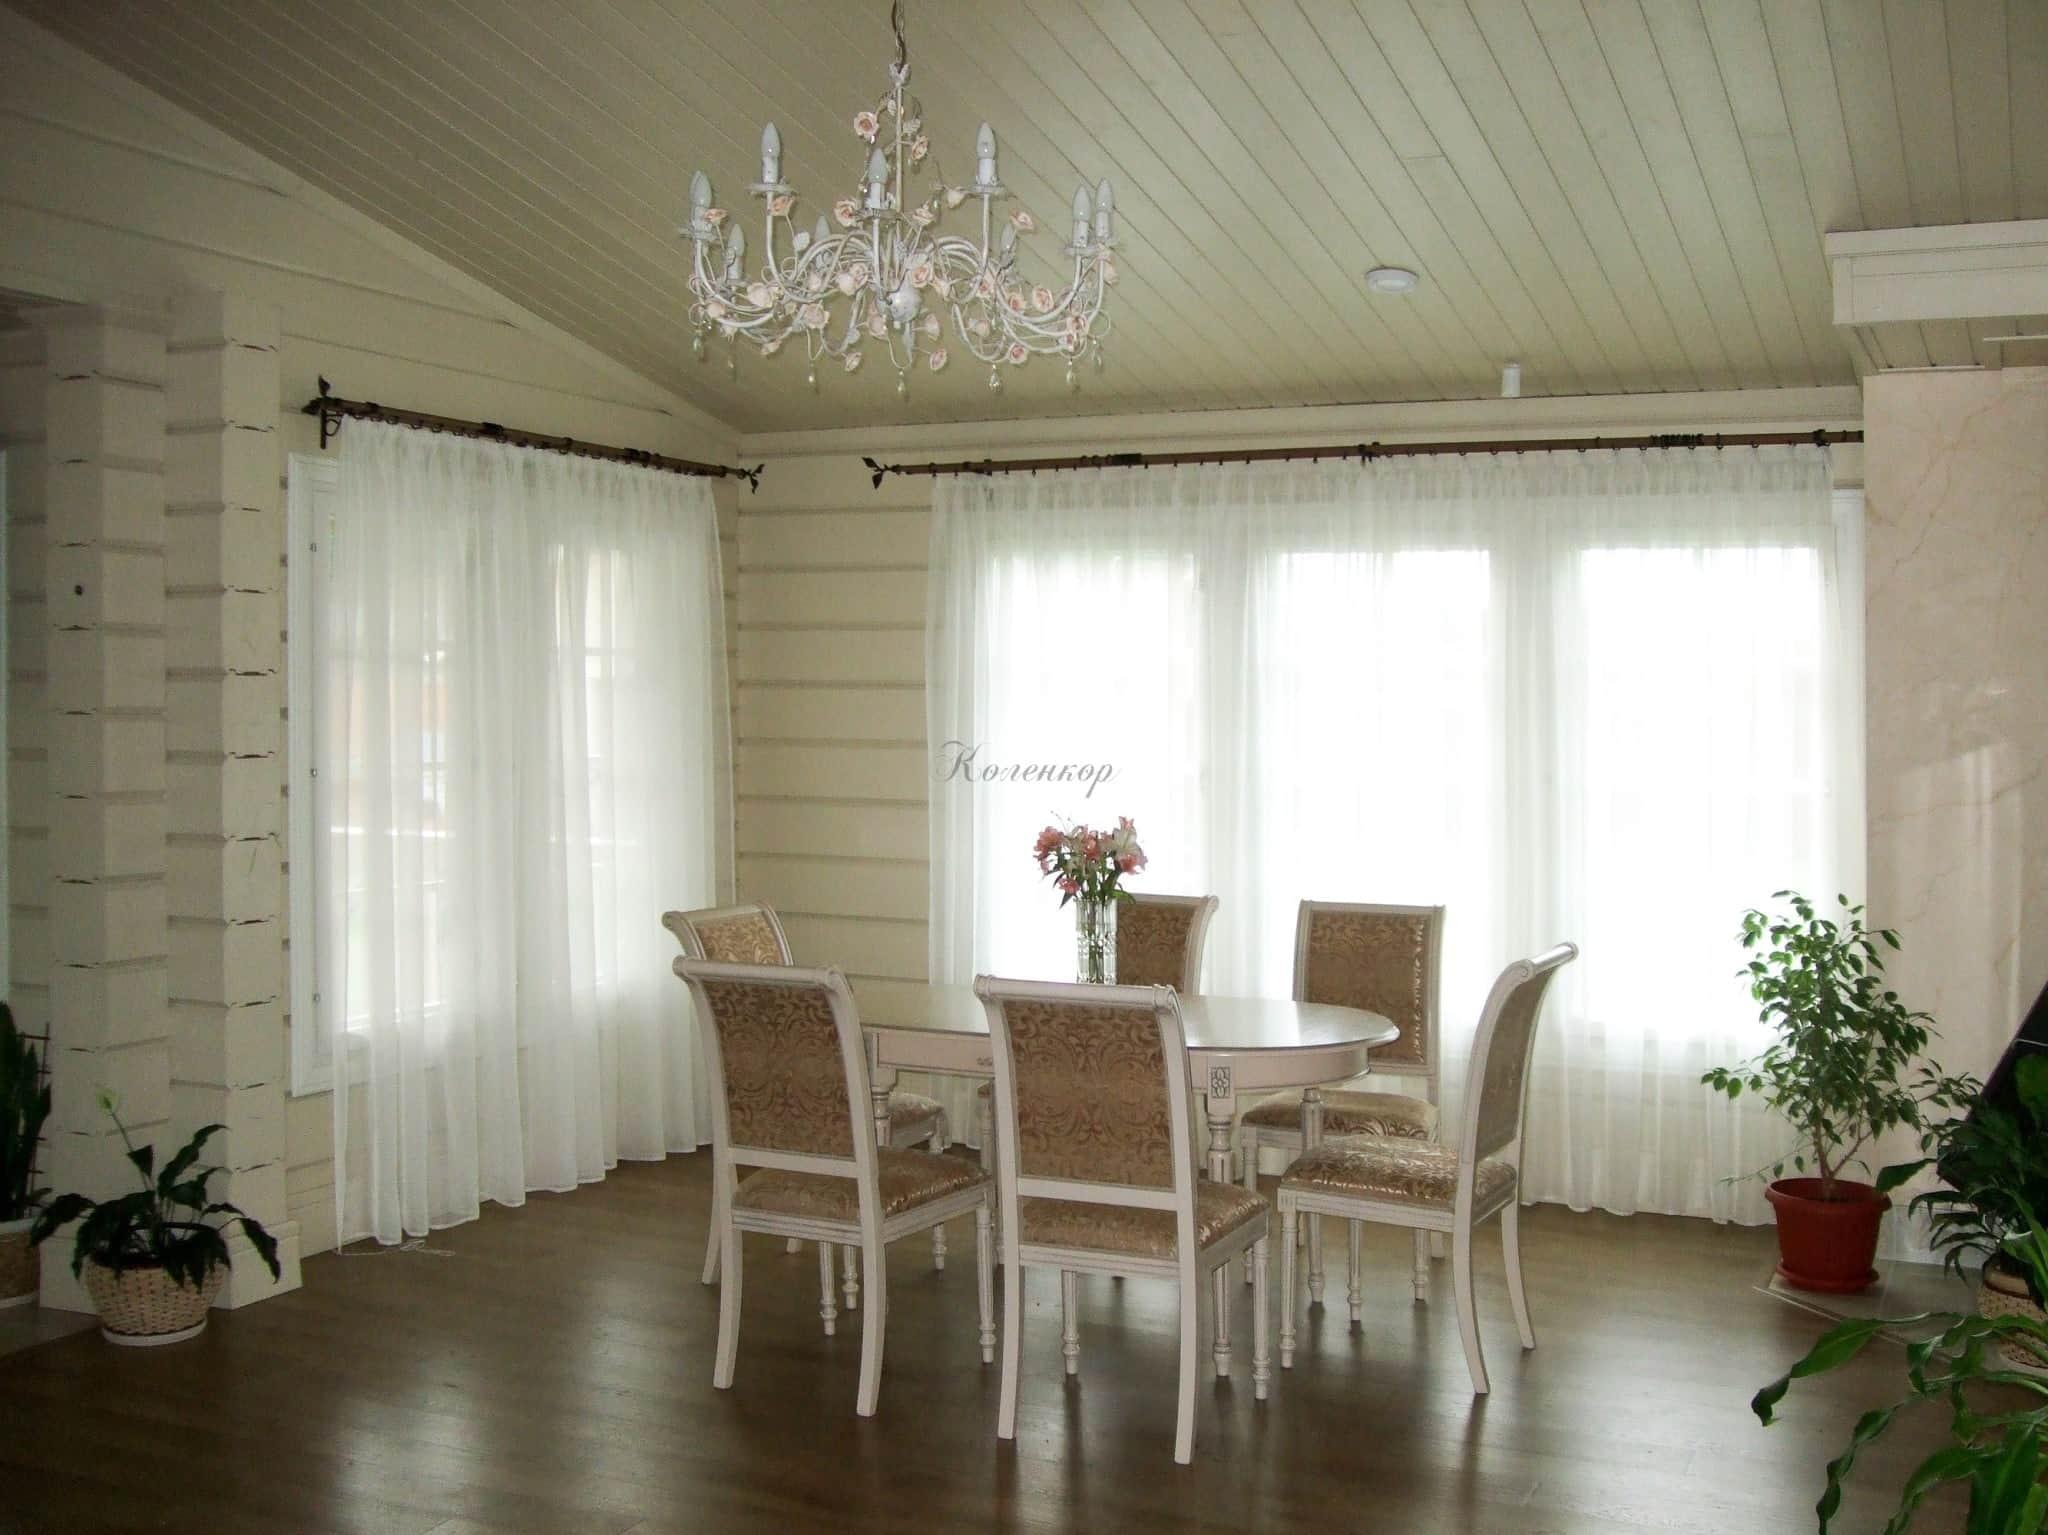 Как правильно выбрать шторы и определение размера, примеры удачных сочетаний в интерьере